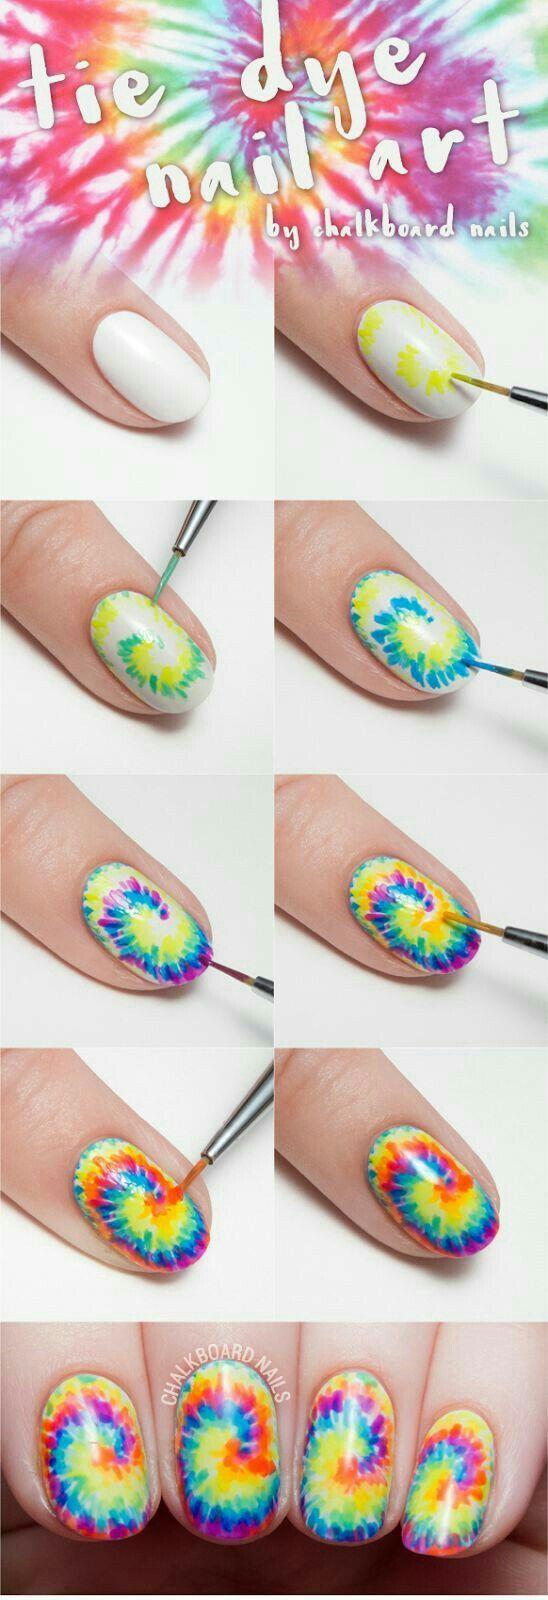 Pin von Elize B auf Nails | Pinterest | Nagelkunst, Kunstnägel und ...